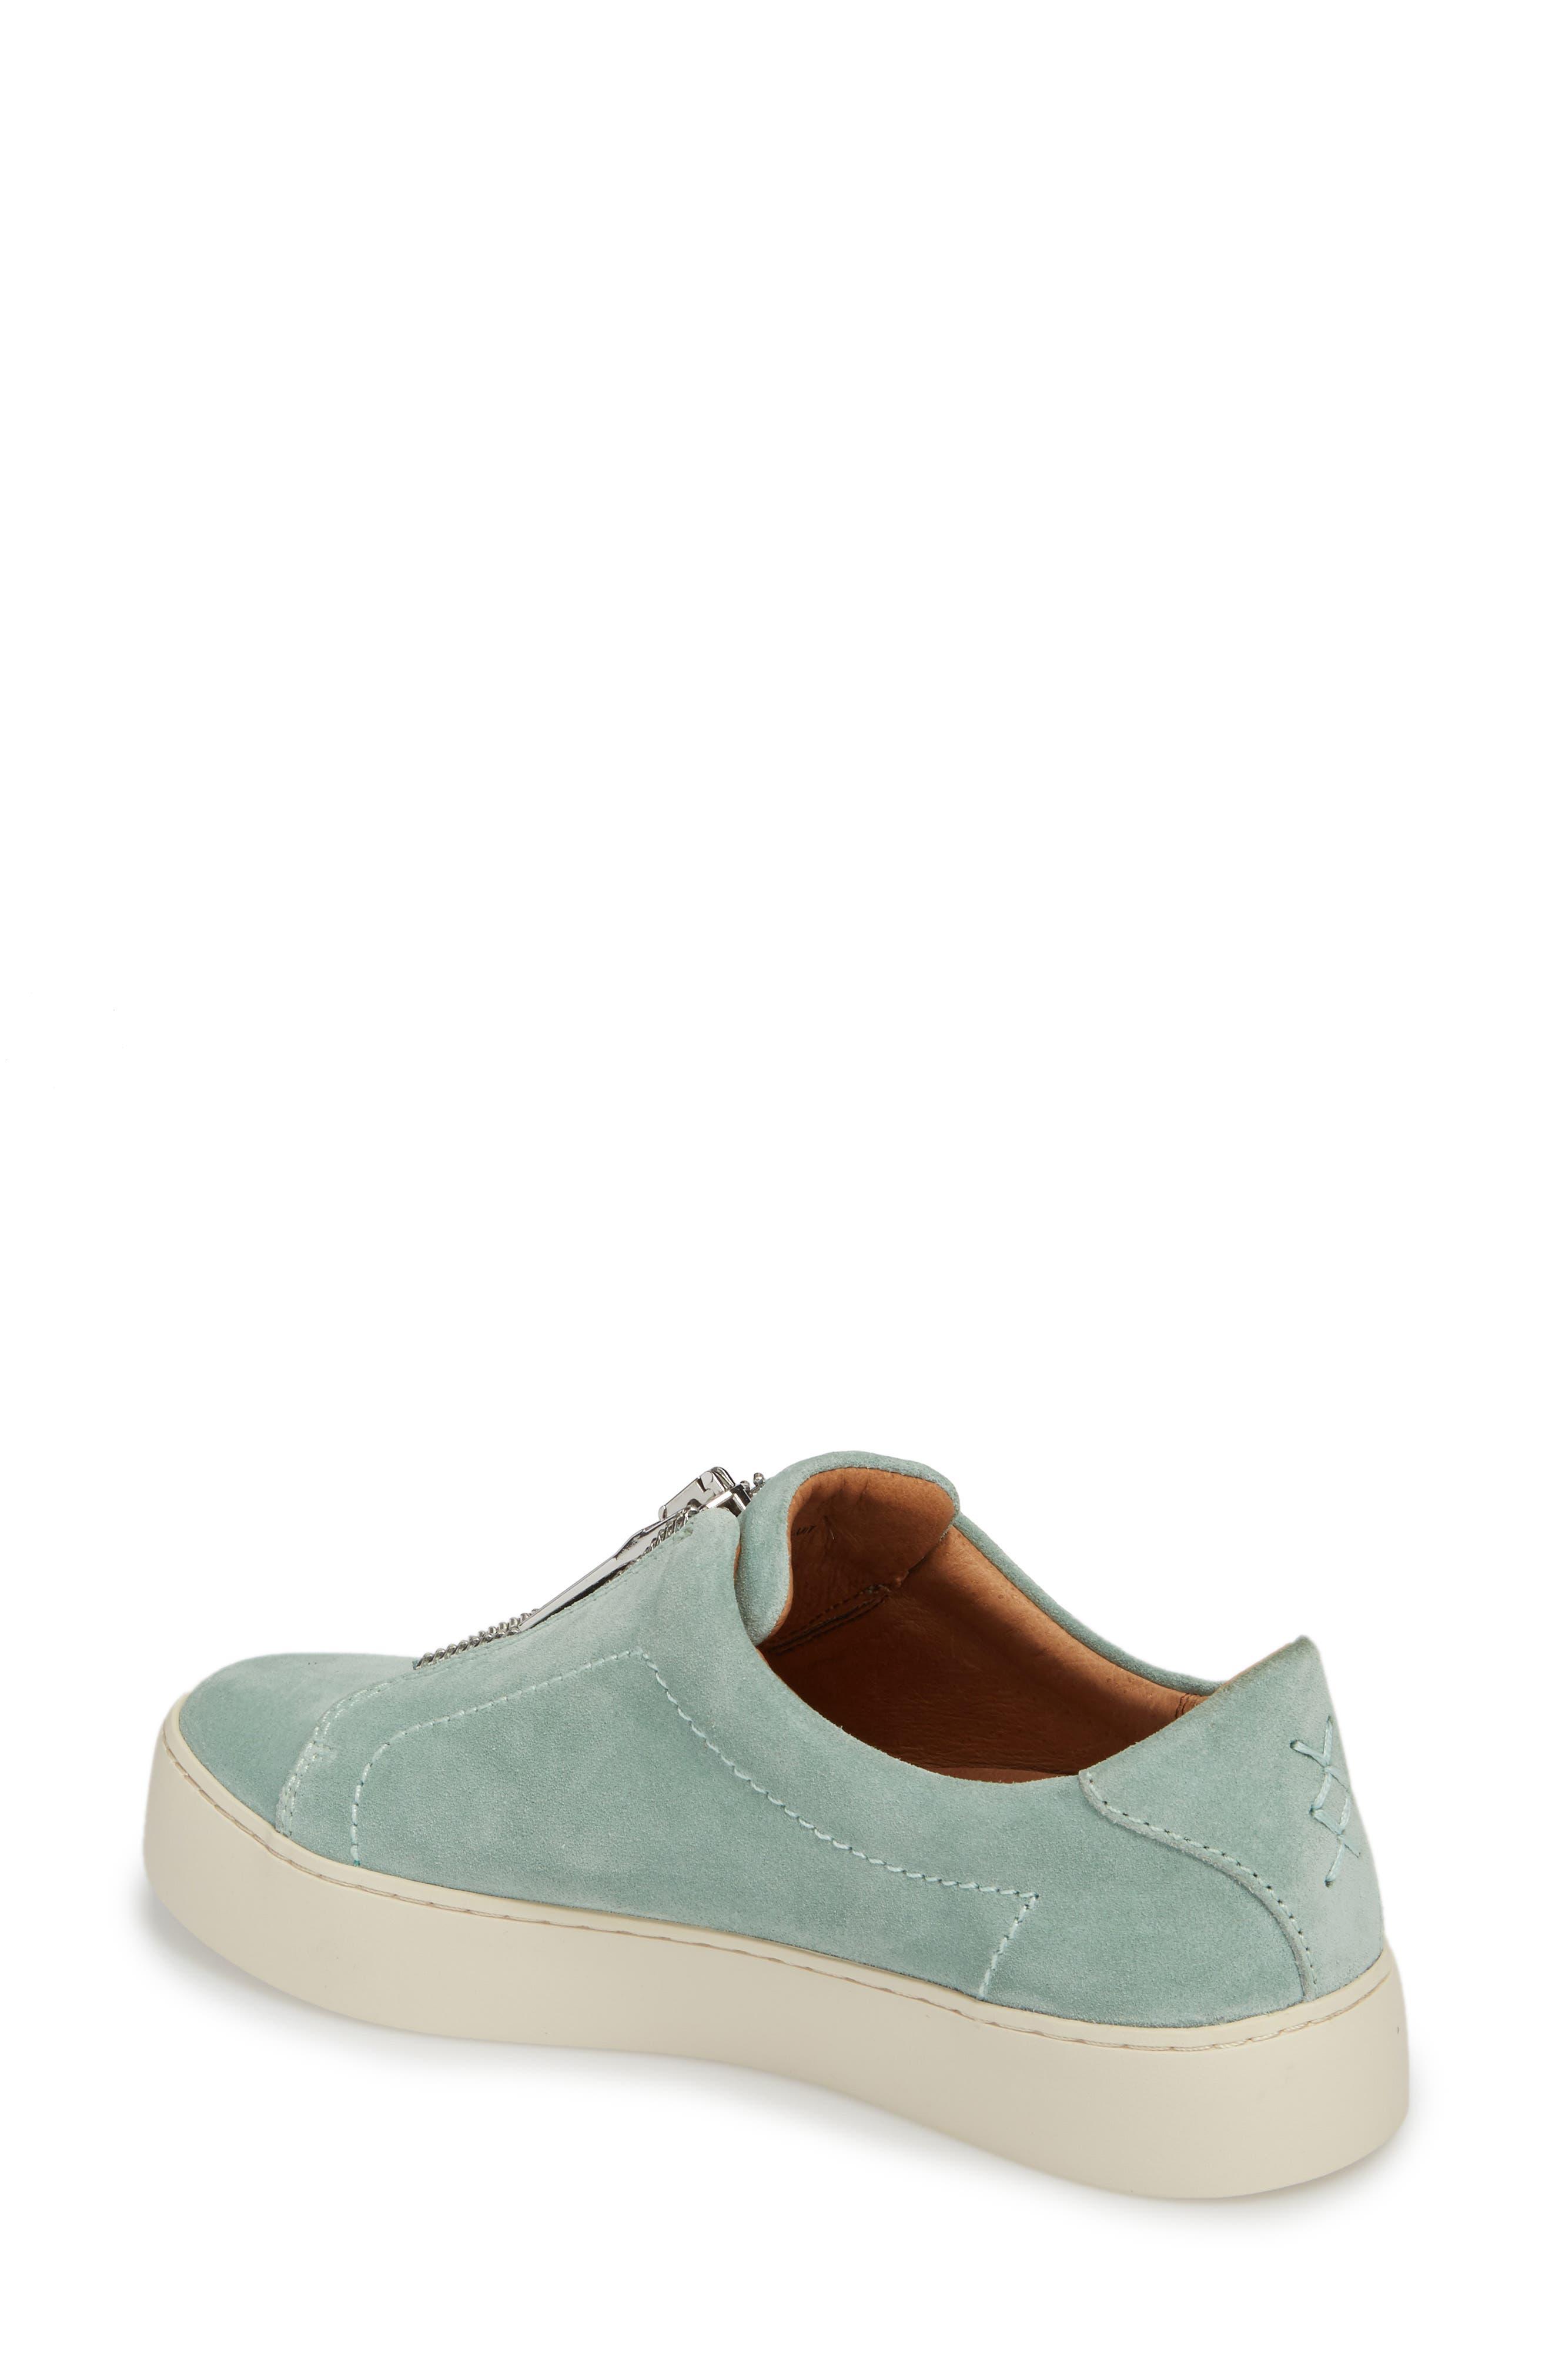 Lena Zip Sneaker,                             Alternate thumbnail 2, color,                             MINT SUEDE